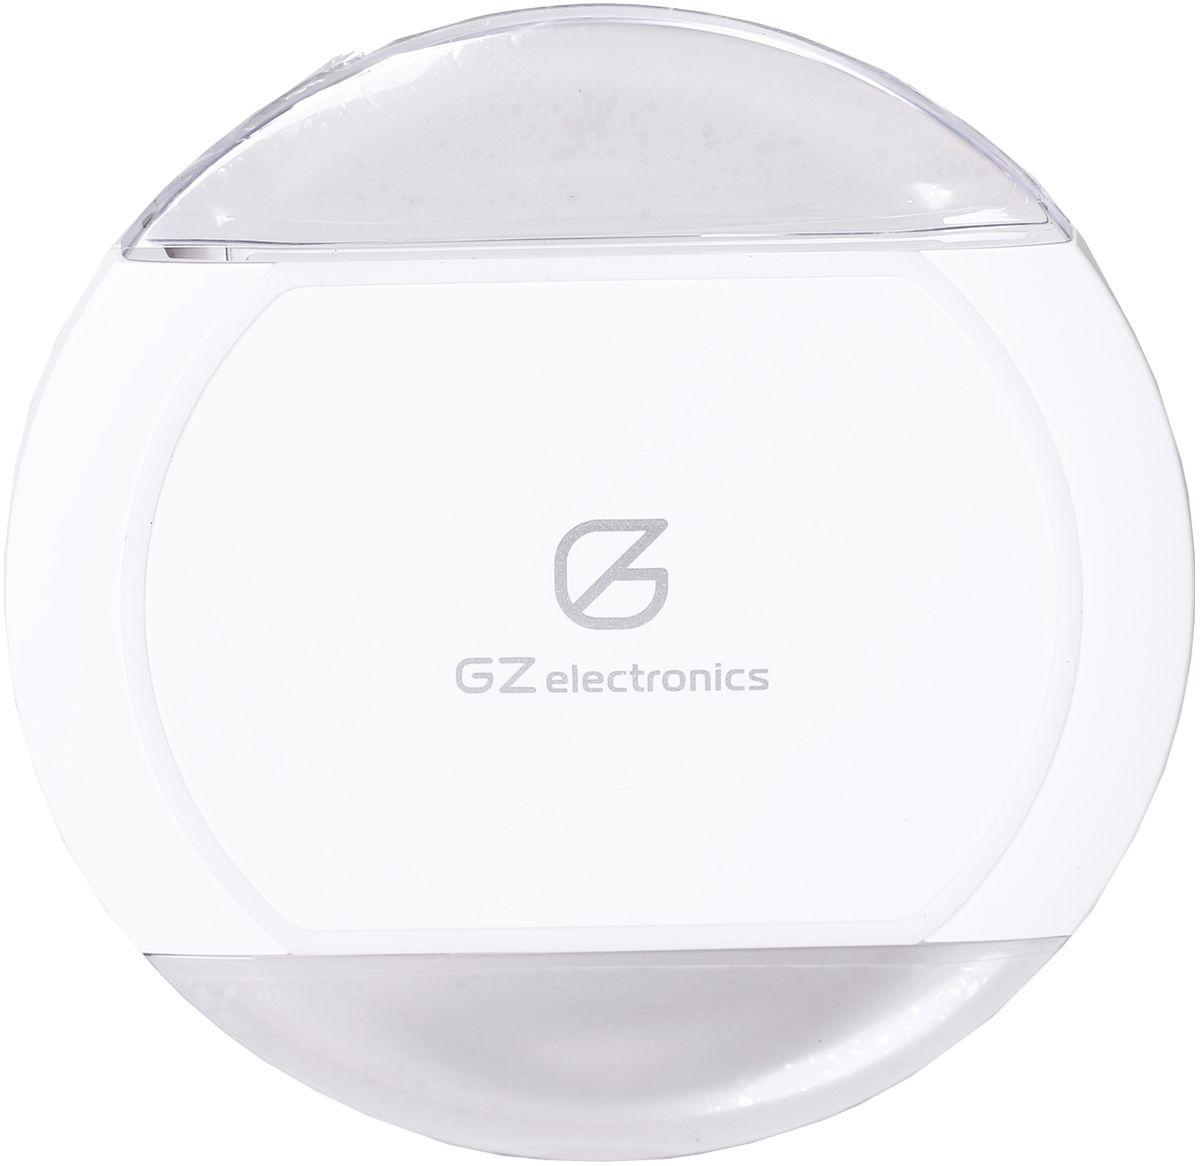 GZ electronics GZ-С1, White беспроводное зарядное устройствоGZ-C1(W)Беспроводное зарядное устройство стандарта QI, порт microUSB, расположение смартфонов в любом положении, световая индикация, защита от замыканий, перегрузок, напряжения и перегрева, автоматическое отключение при 100% зарядке, резиновые ножки для надежного сцеплния с настольной поверхностью, совместимо с любыми устройствами стандарта QI, входные напряжение и ток 5В 2А, выходные напряжение и ток 5 В, 2 А, в комплекте зарядное устройство, кабель microUSB, инструкция, гарантийный талон.